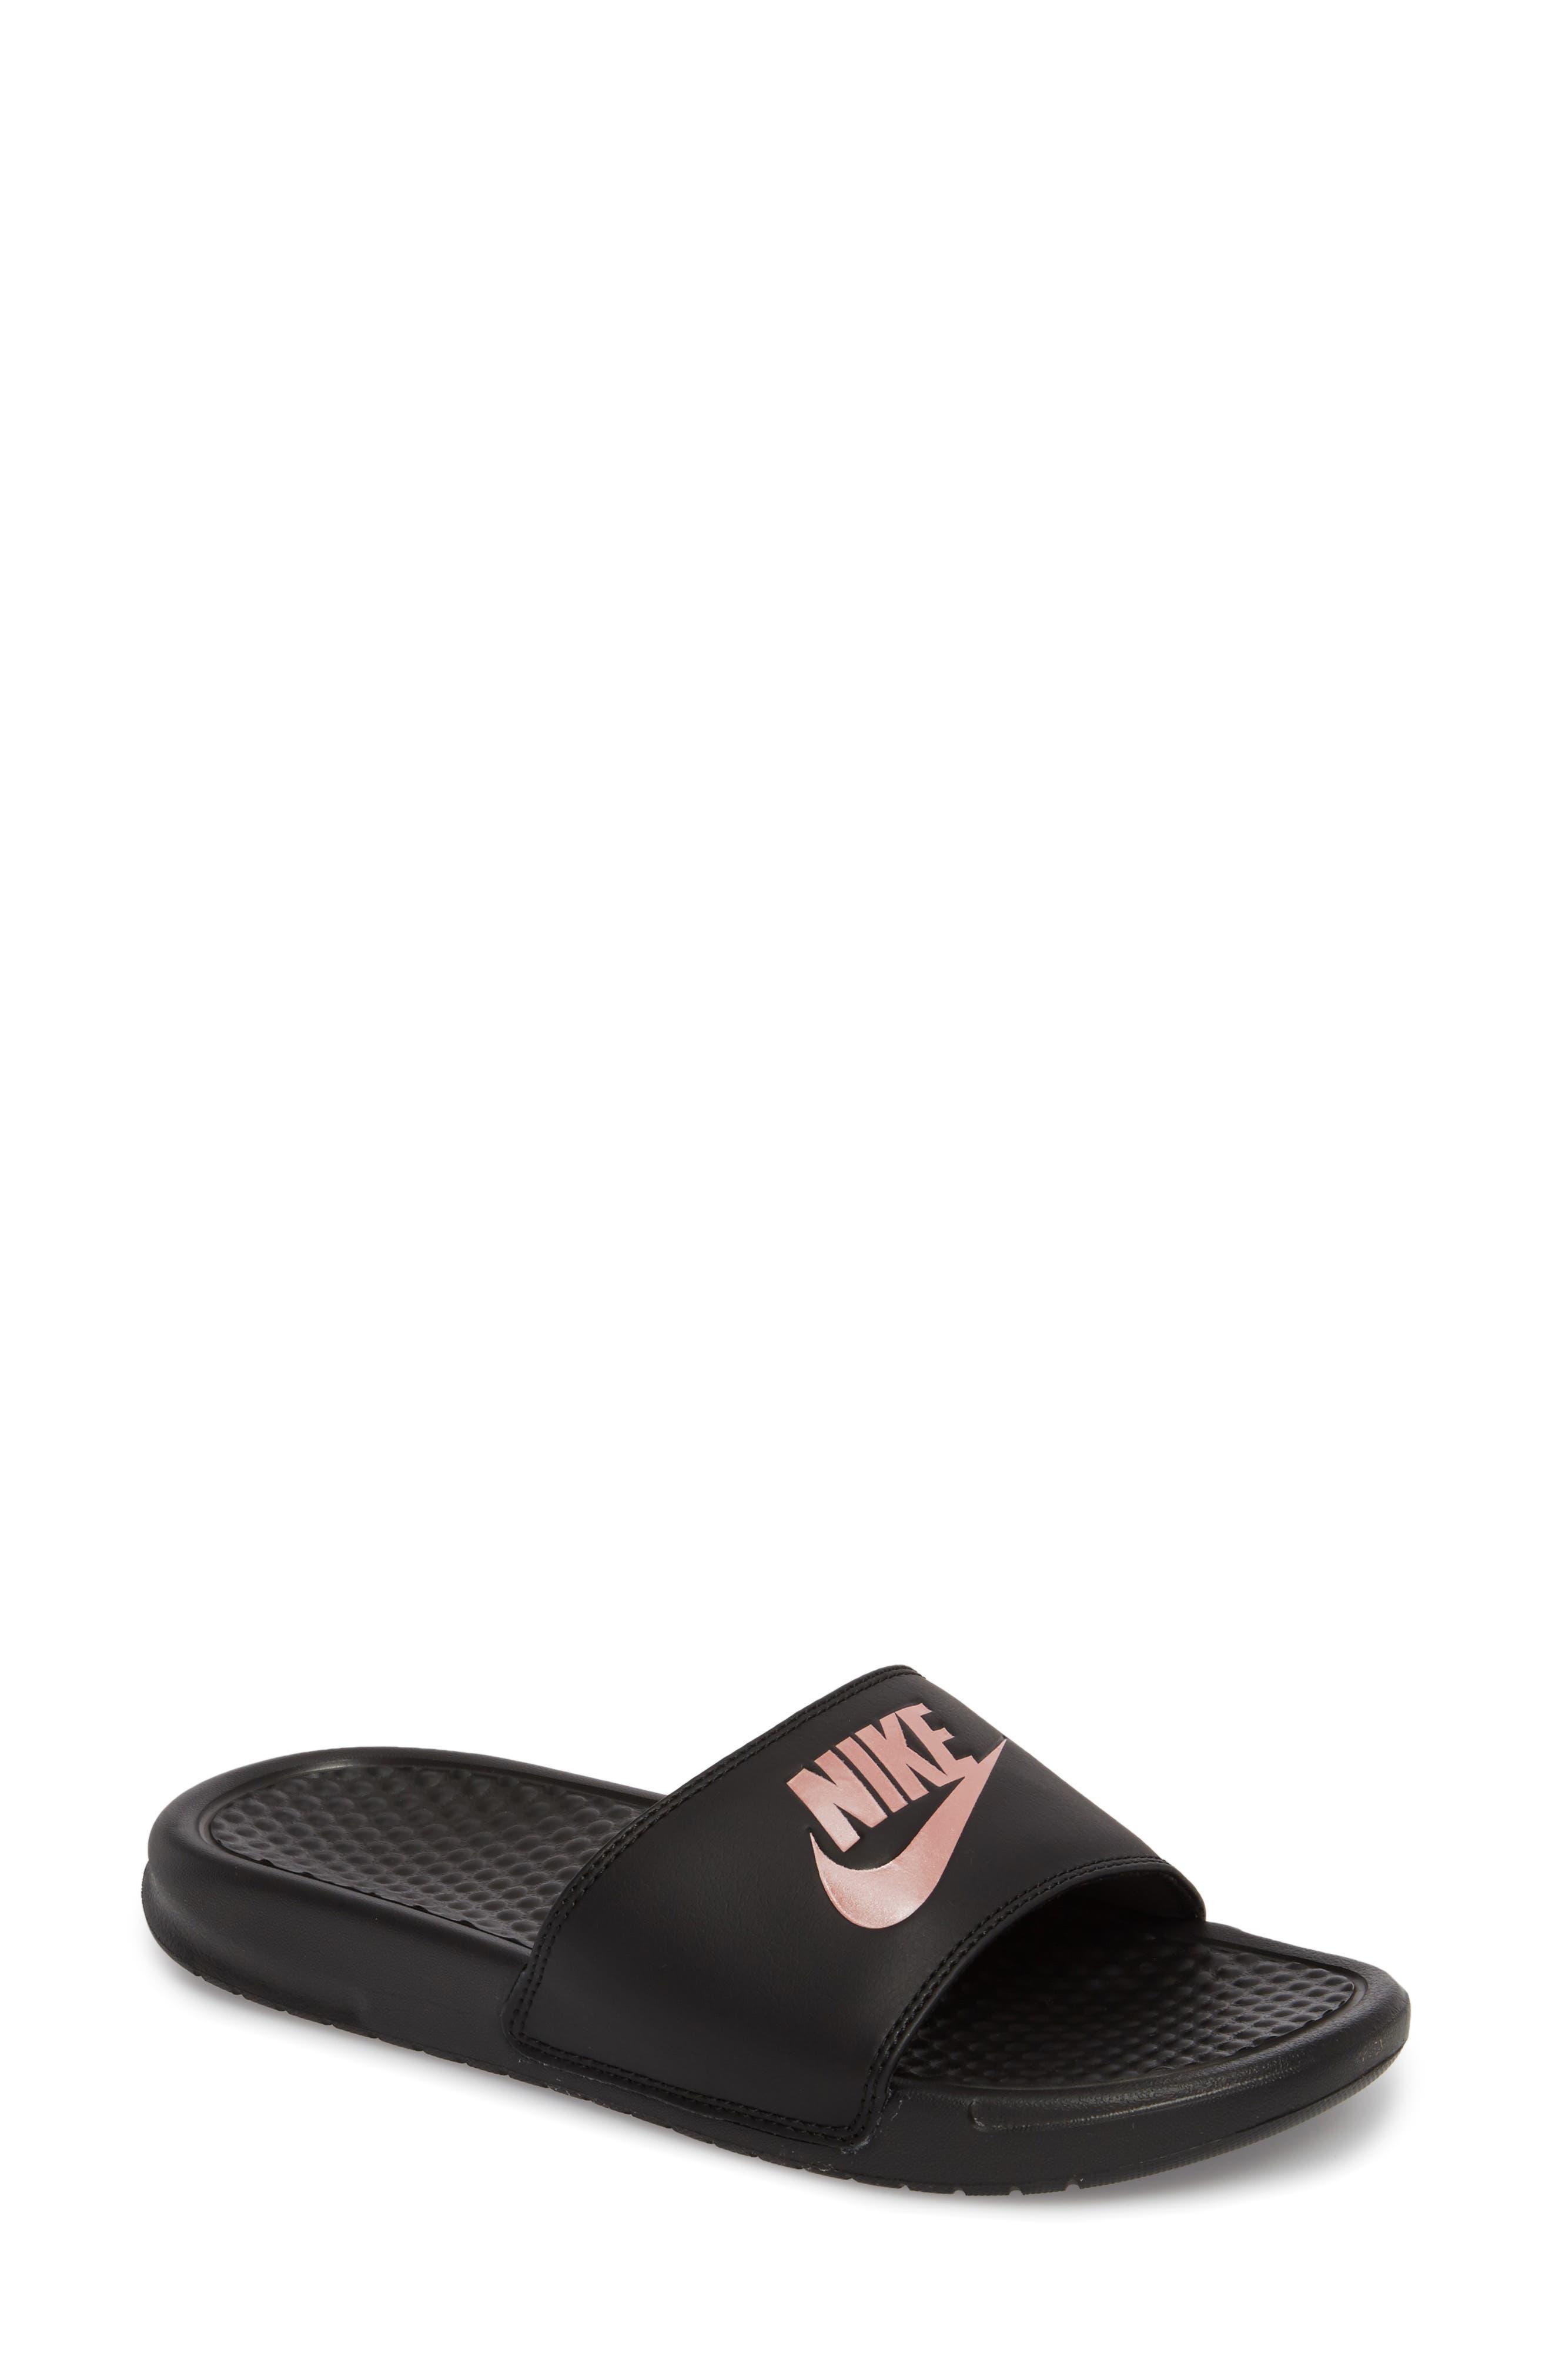 Benassi JDI Slide Sandal,                             Main thumbnail 1, color,                             007